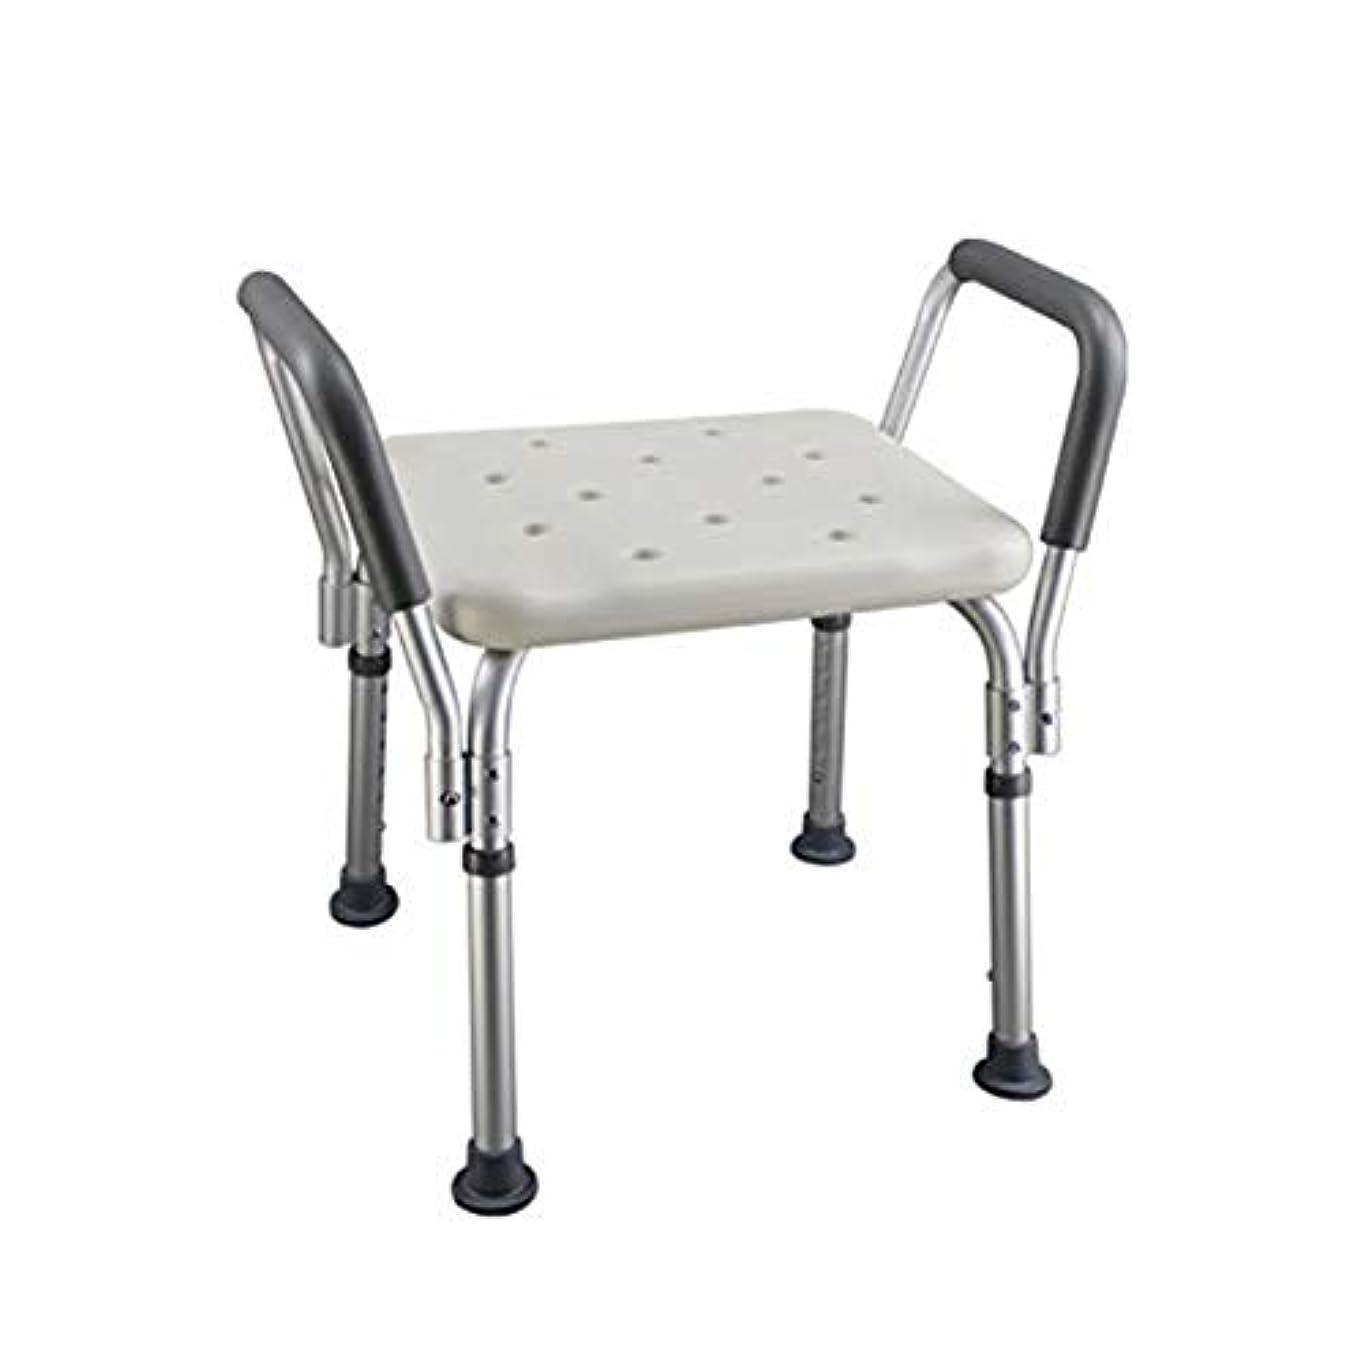 大宇宙化合物草トイレチェアハンディキャップ用折りたたみ椅子